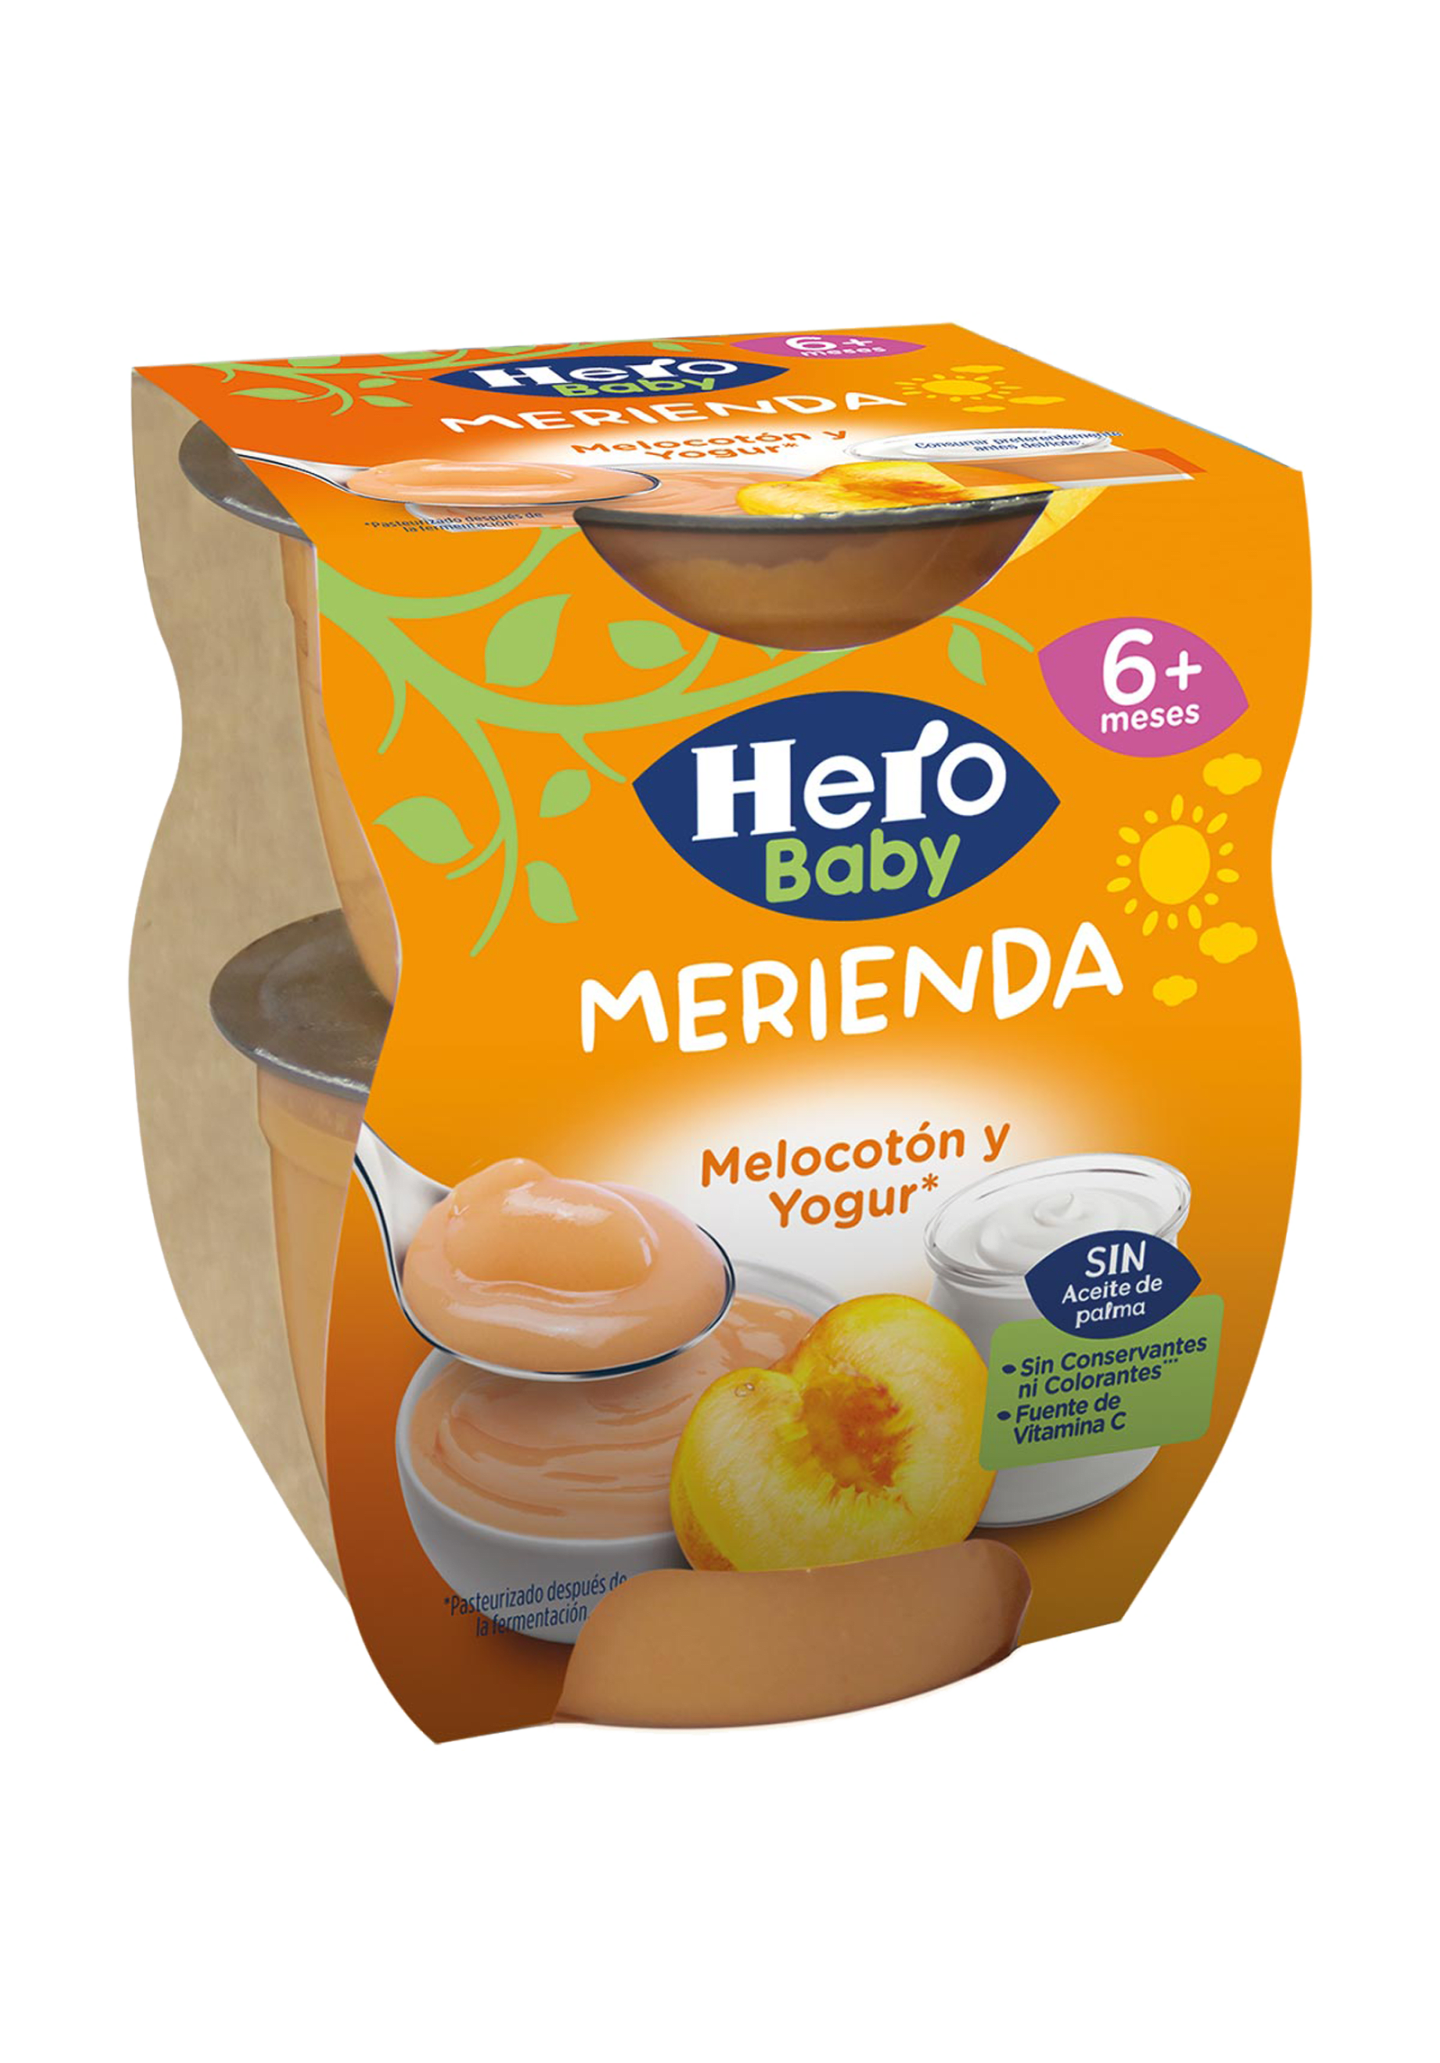 Tarrinas de Melocotón y Yogur